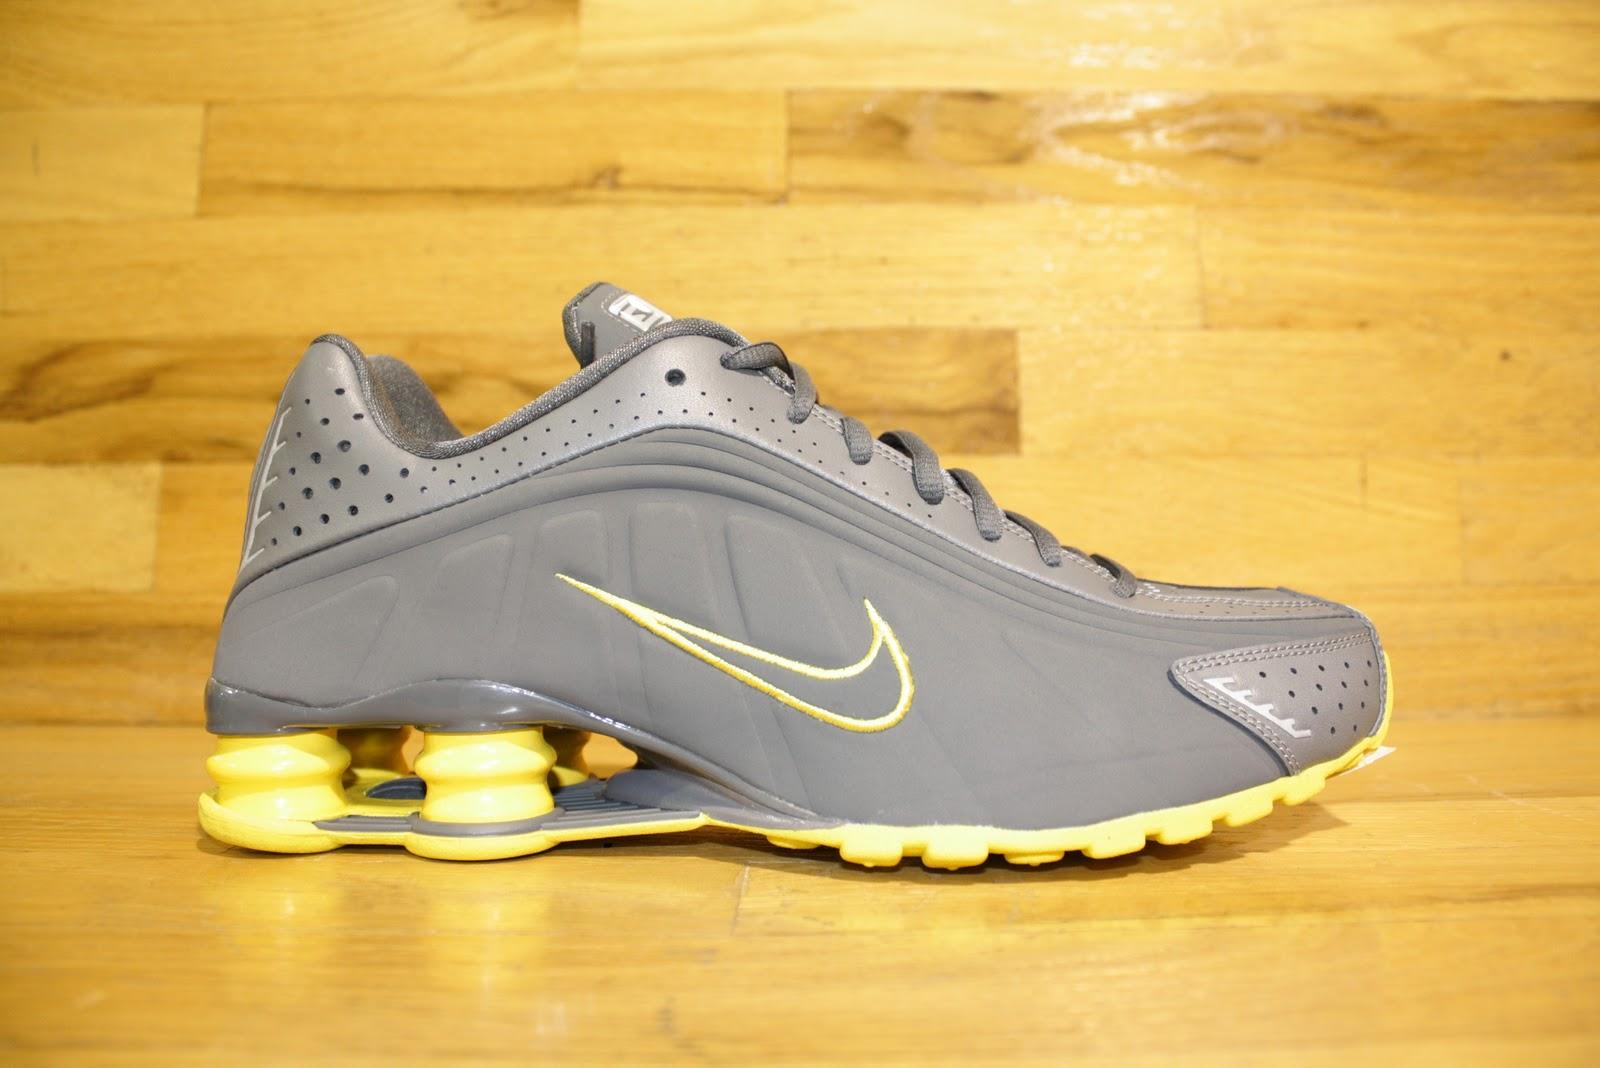 descontar más reciente sneakernews línea barata Nike Shox R4 Alfombra Amarilla Gris comprar barato auténtica envío libre auténtico wHUJlG